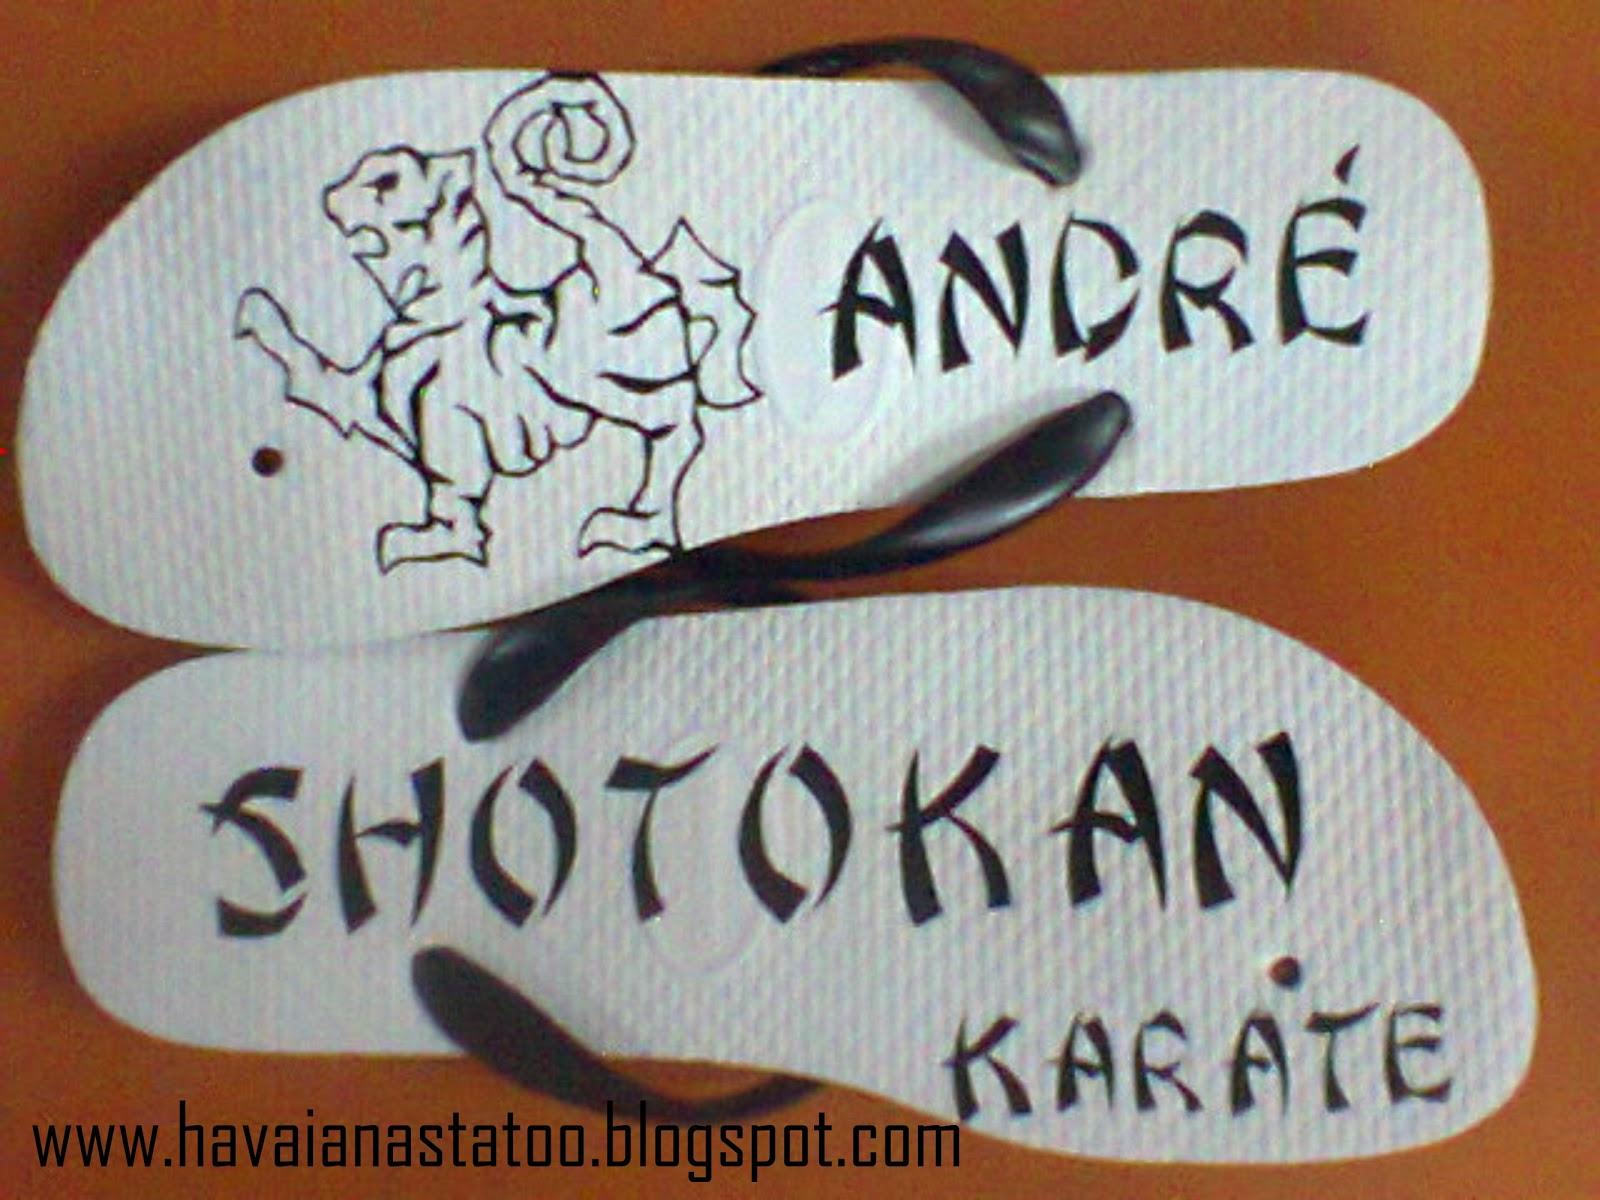 http://2.bp.blogspot.com/-oGEWFshztk8/UJkHQQhf-KI/AAAAAAAAAfM/8PA2bkRYc1Q/s1600/andr%C3%A9+shotokan.jpg